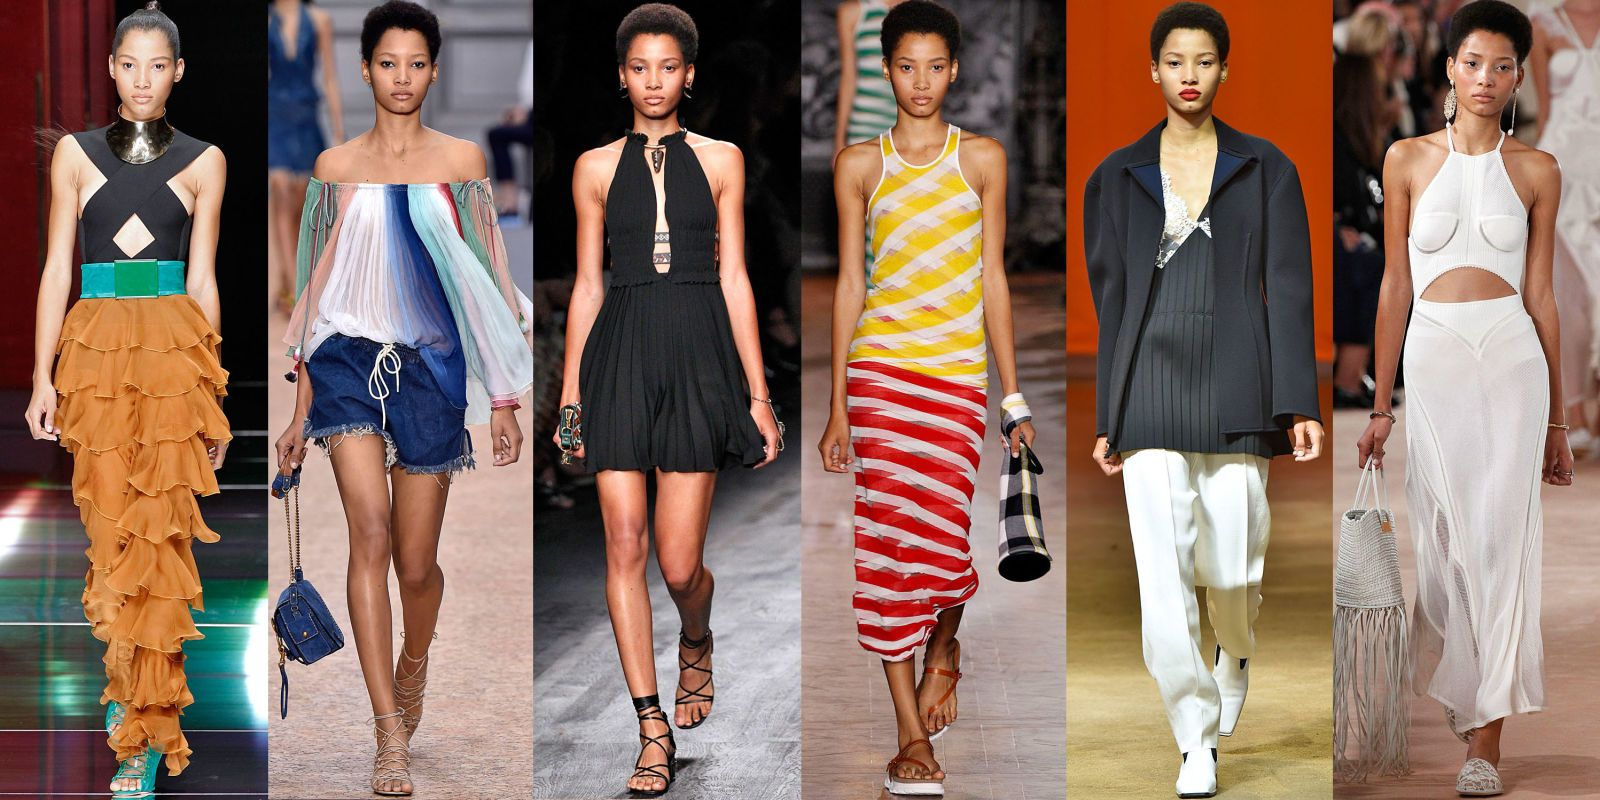 Fashion in dominican republic 11